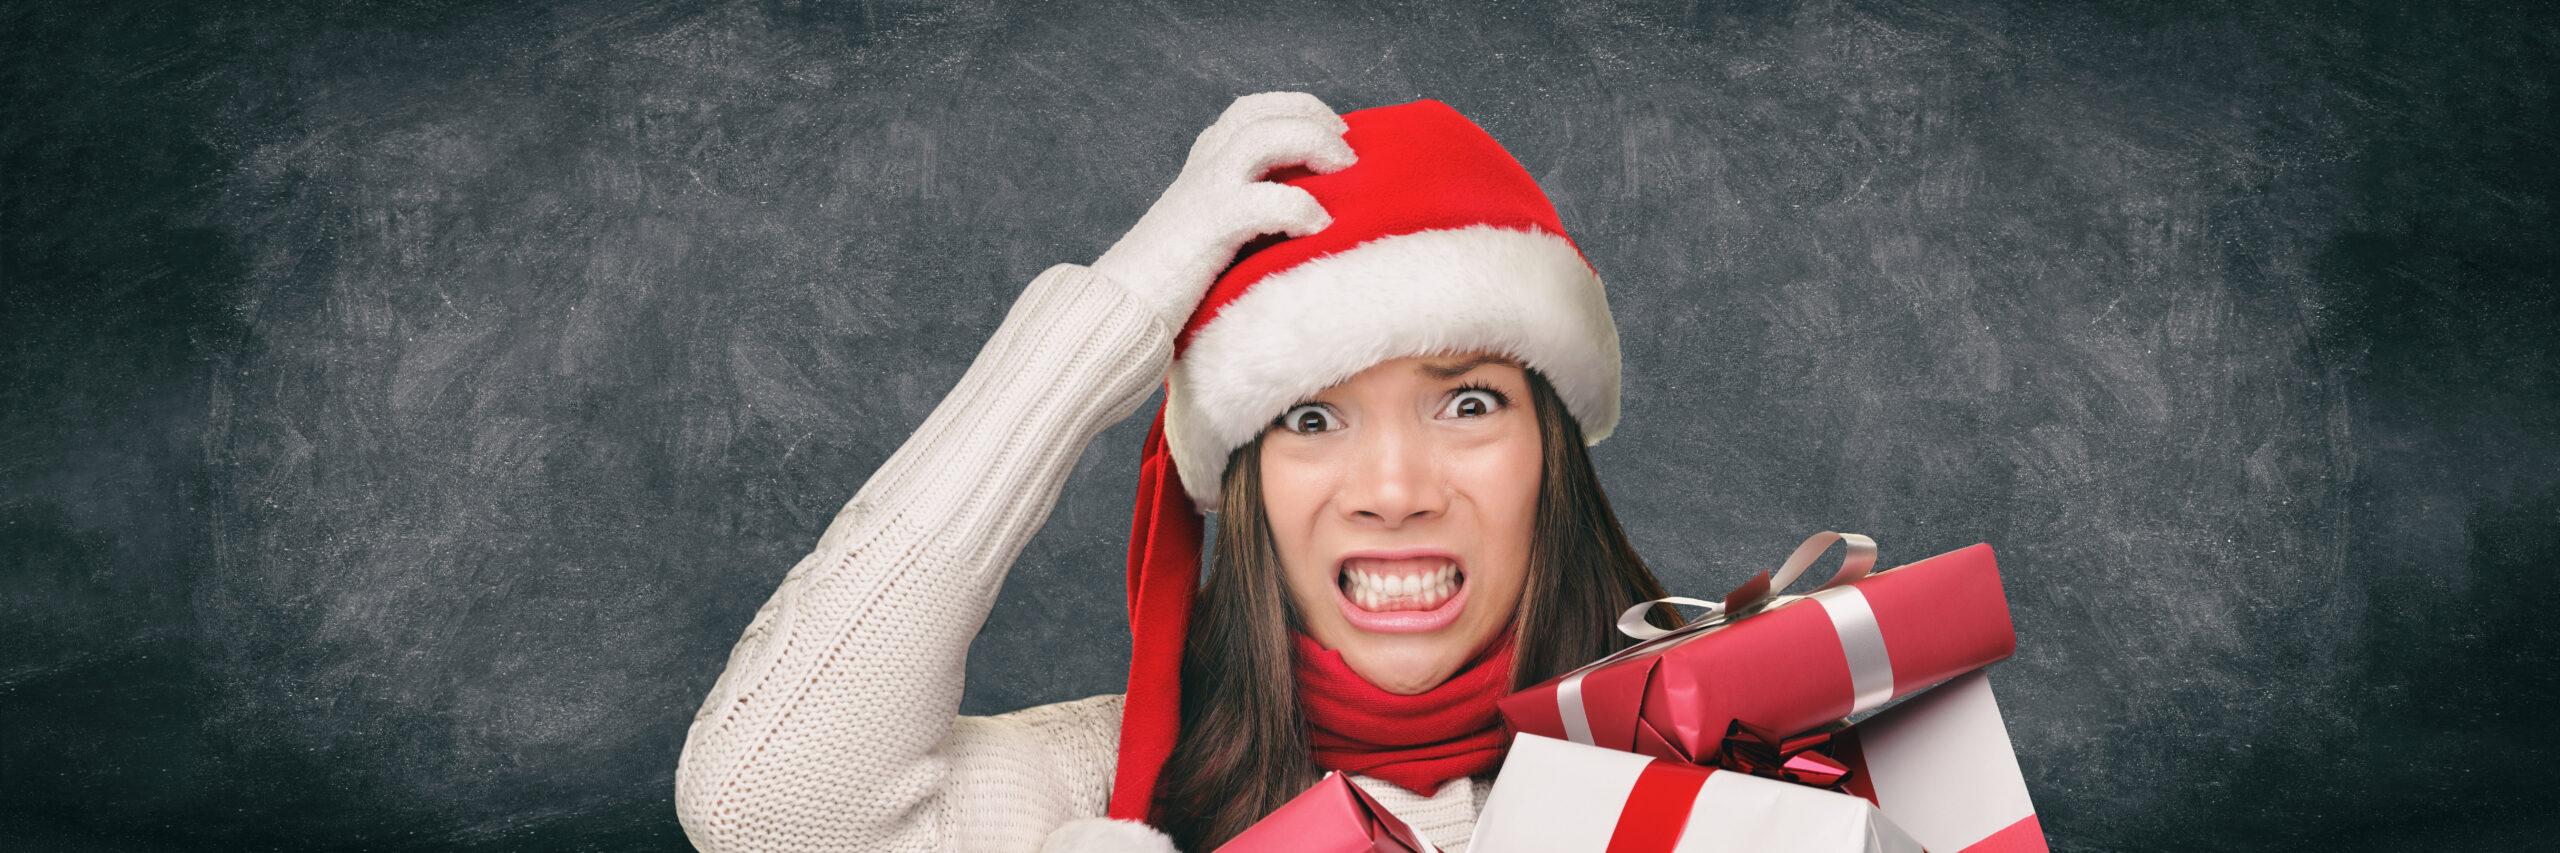 Pandemie & Weihnachtszeit: O du stressige!